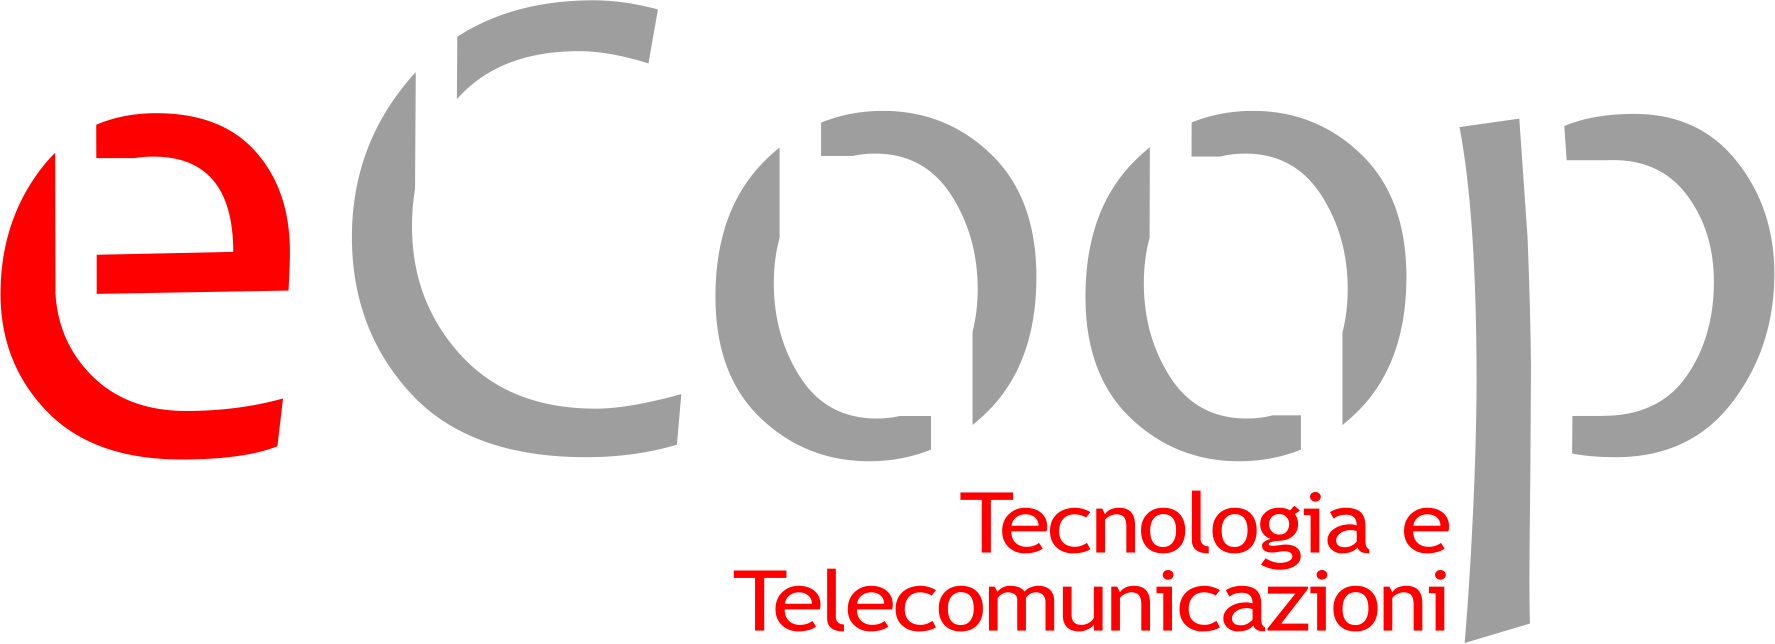 eCoop tecnologia & telecomunicazioni